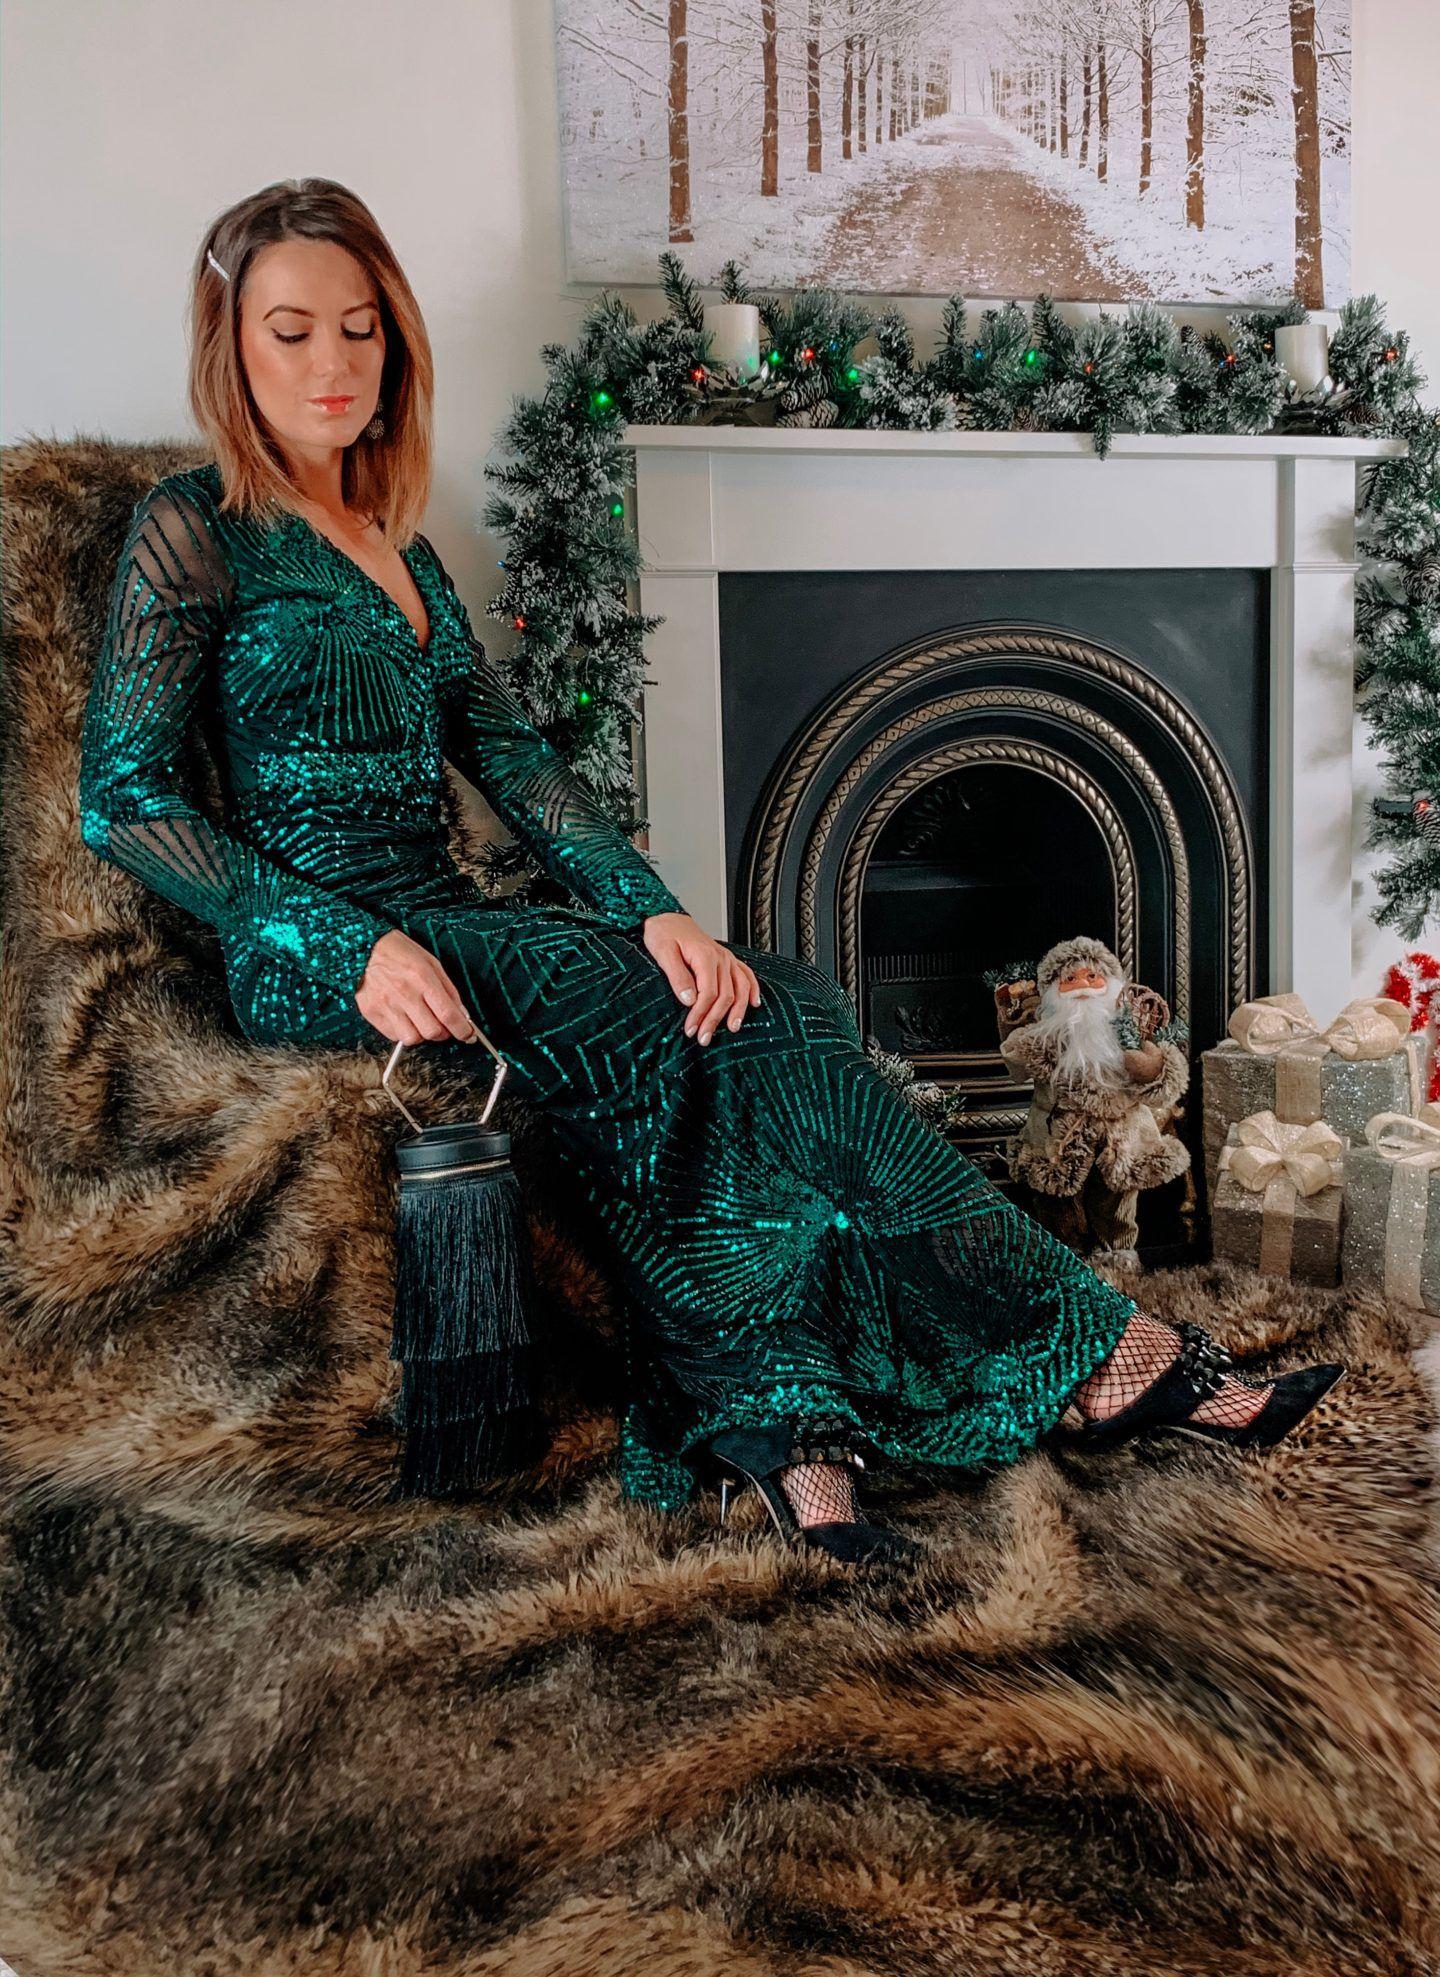 Missguided fringe handbag in black | Goddiva V neck maxi dress in emerald green sequin | Elegant Duchess Hair Clip | Charlotte Tilbury Make up | Dior Lip Gloss